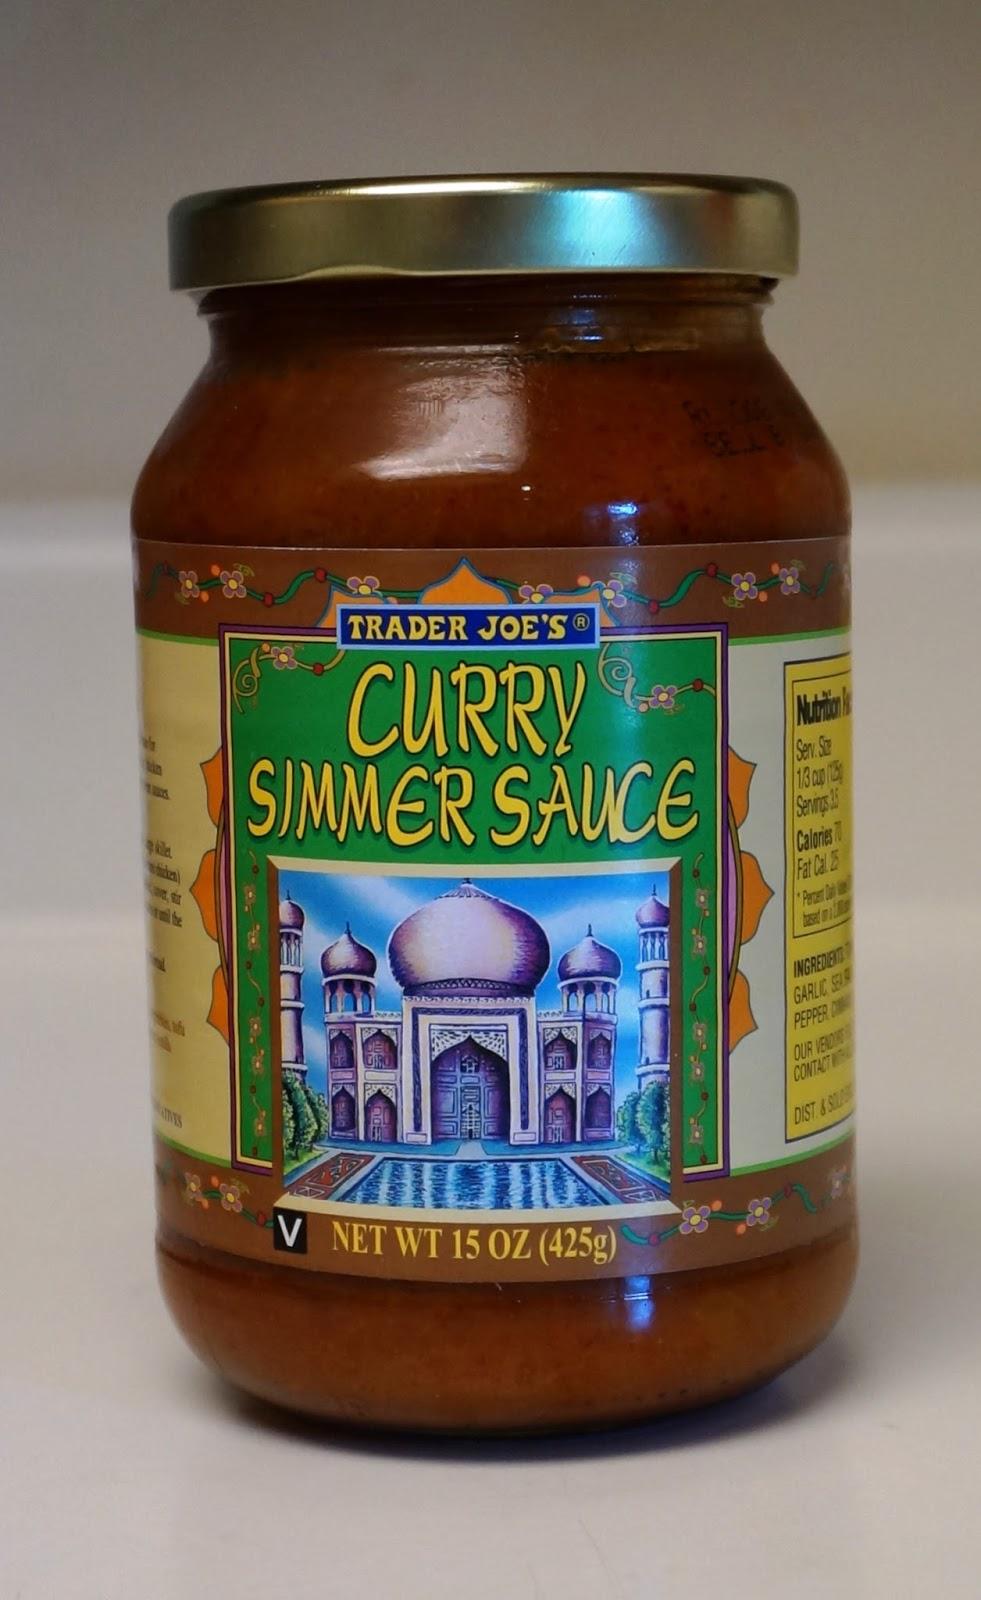 Exploring Trader Joe's: Trader Joe's Curry Simmer Sauce